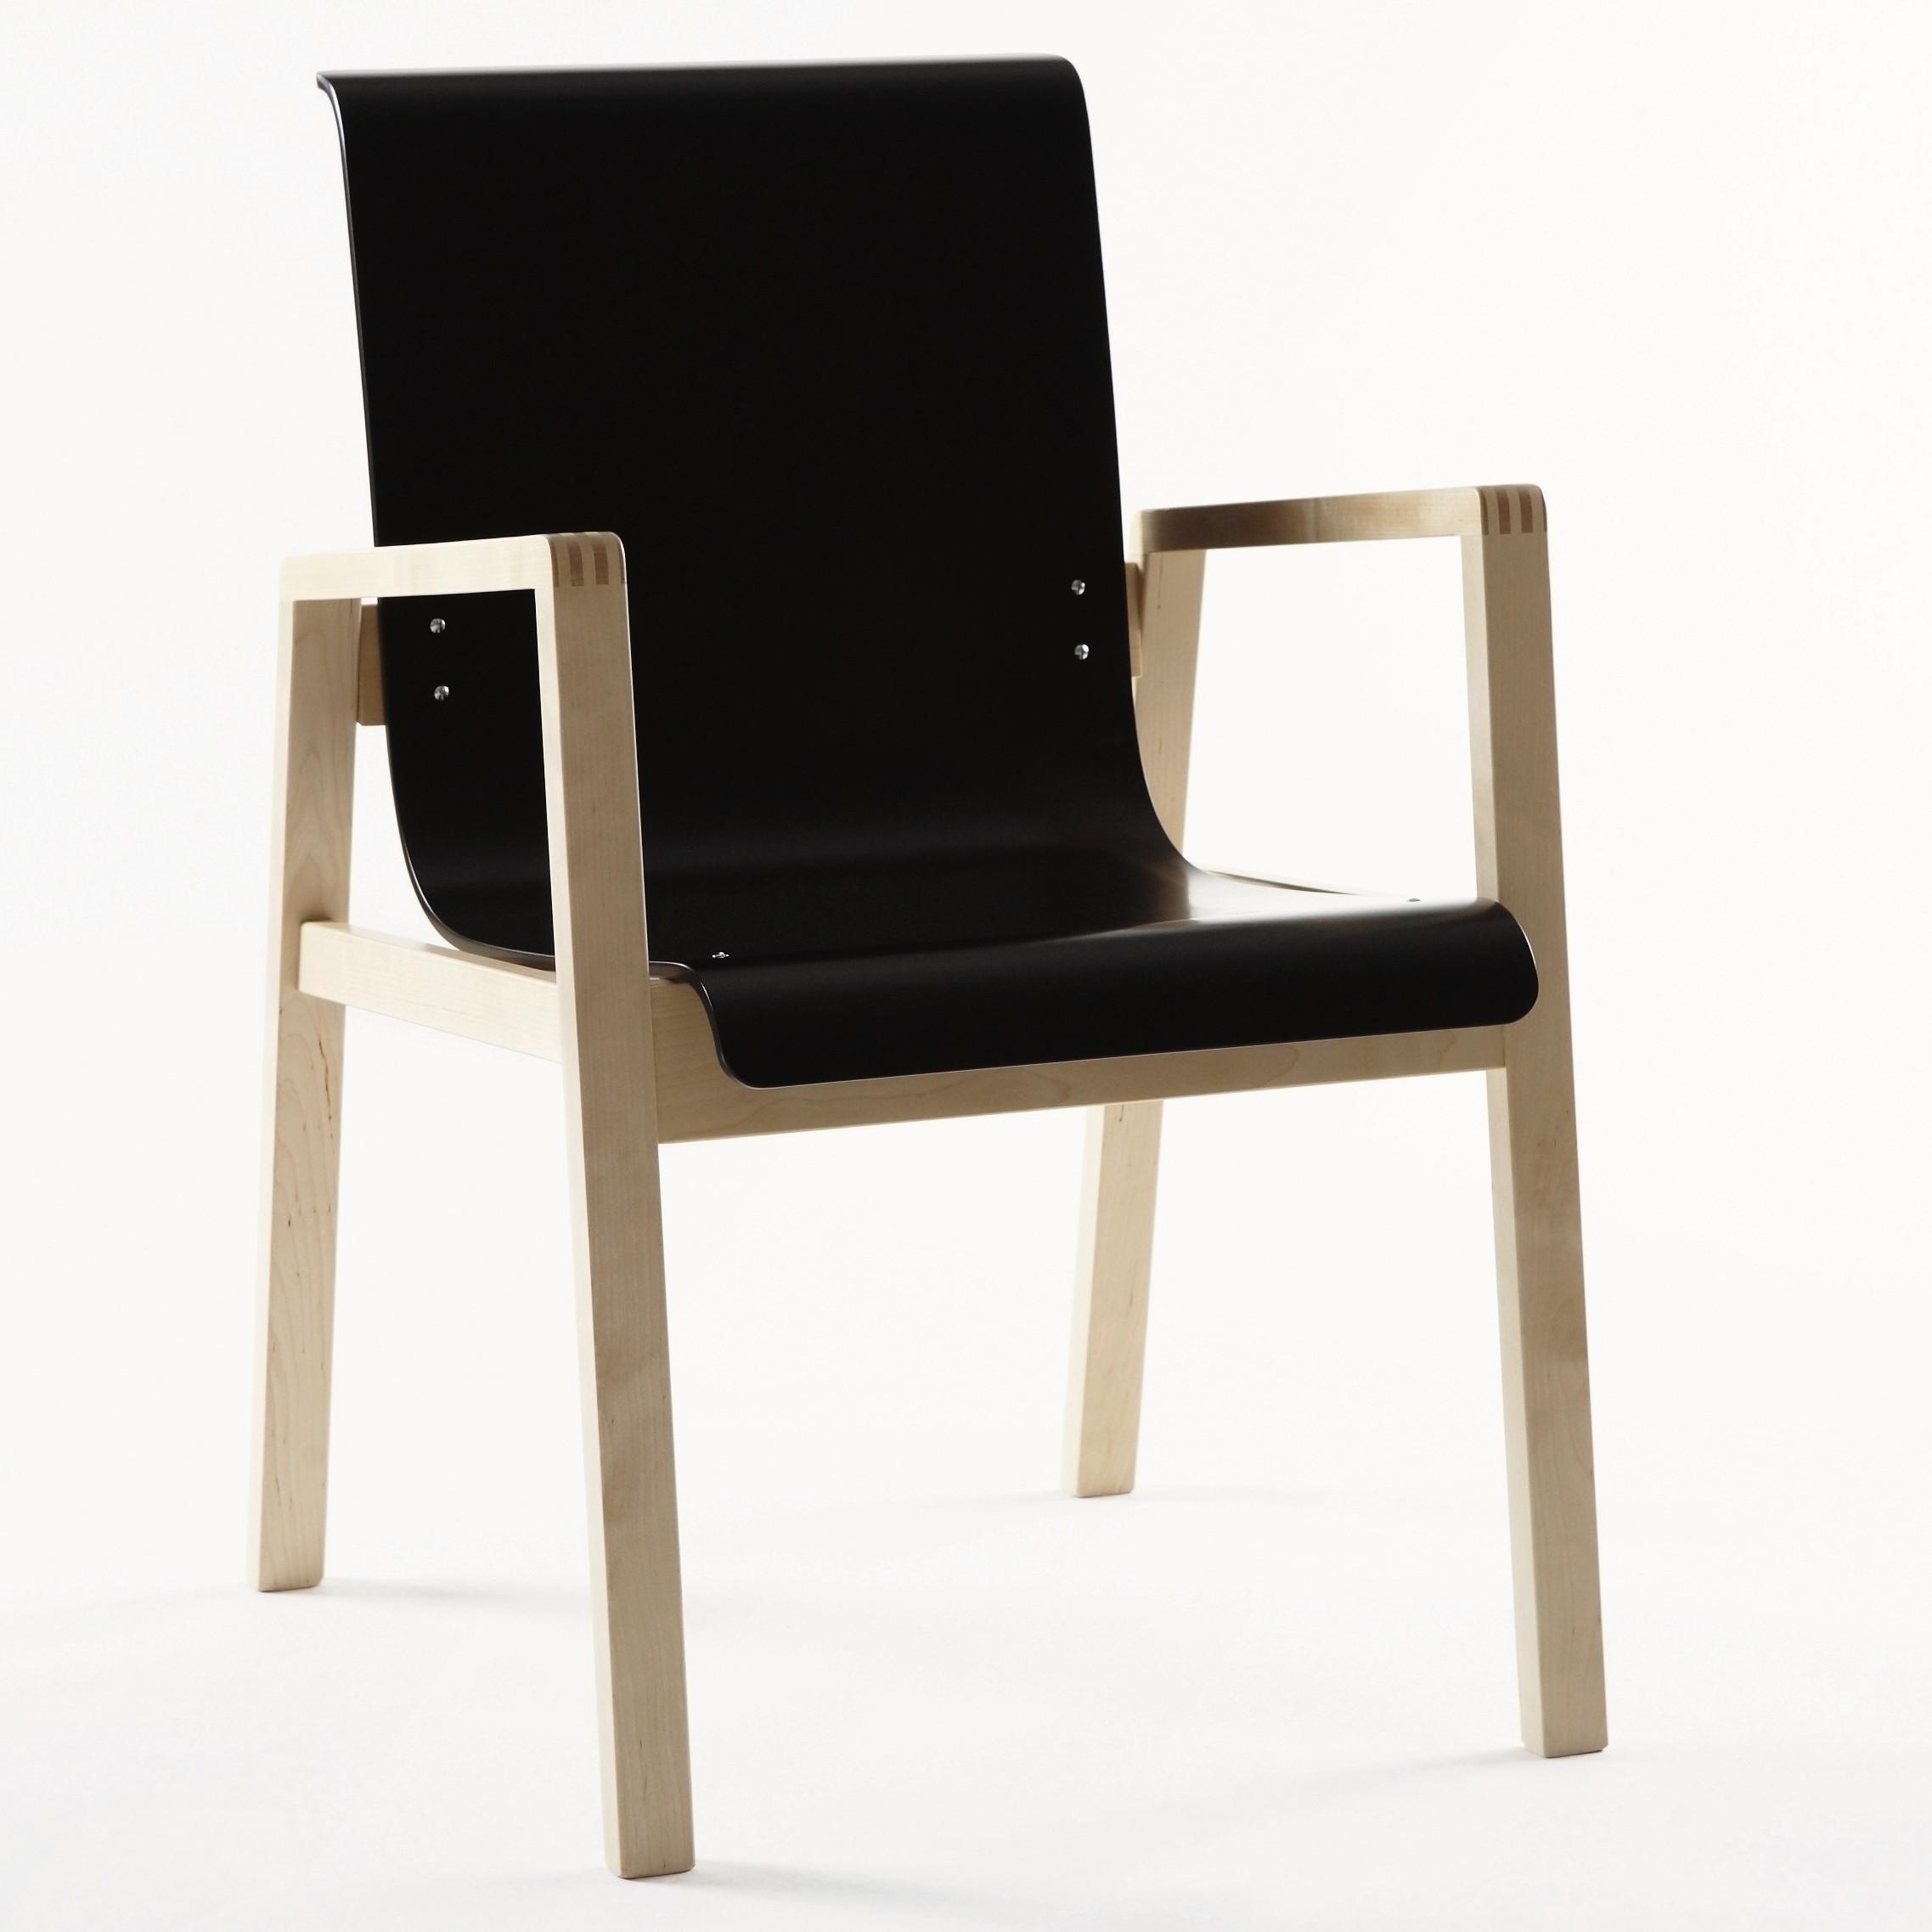 Artek fauteuil 403 hallway design alvar aalto for Scandic design